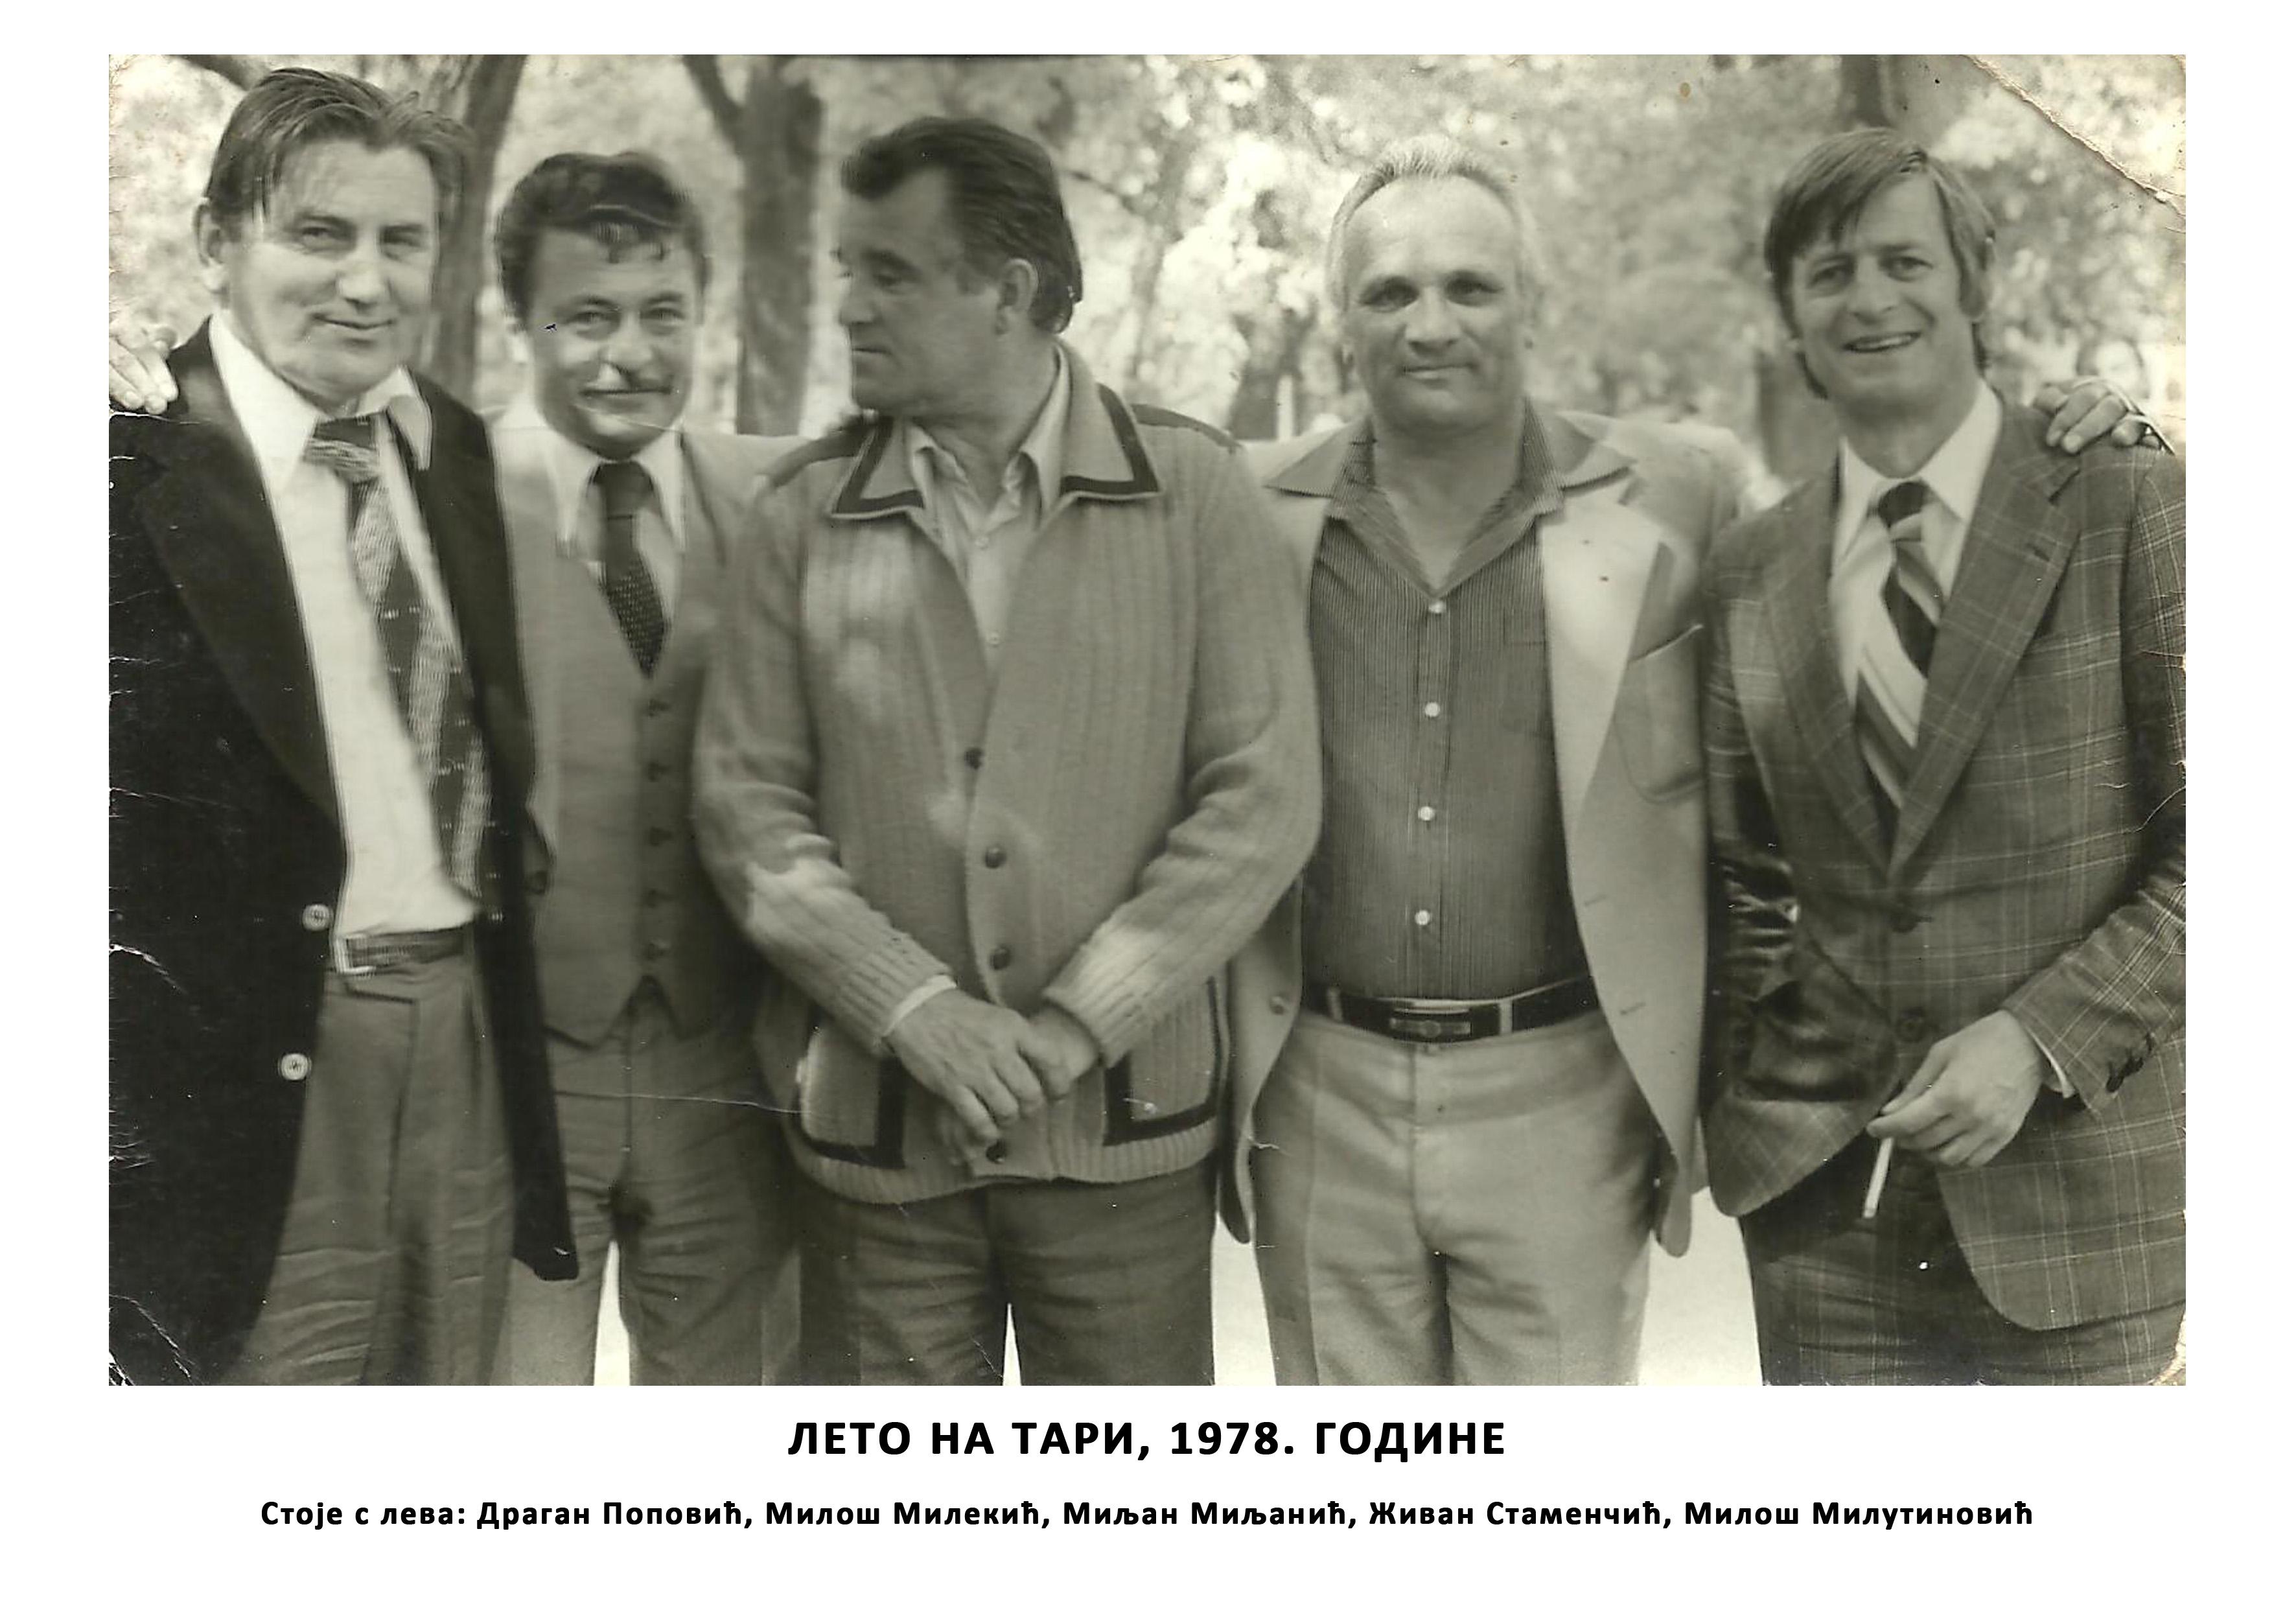 Leto_na_Tari_1978